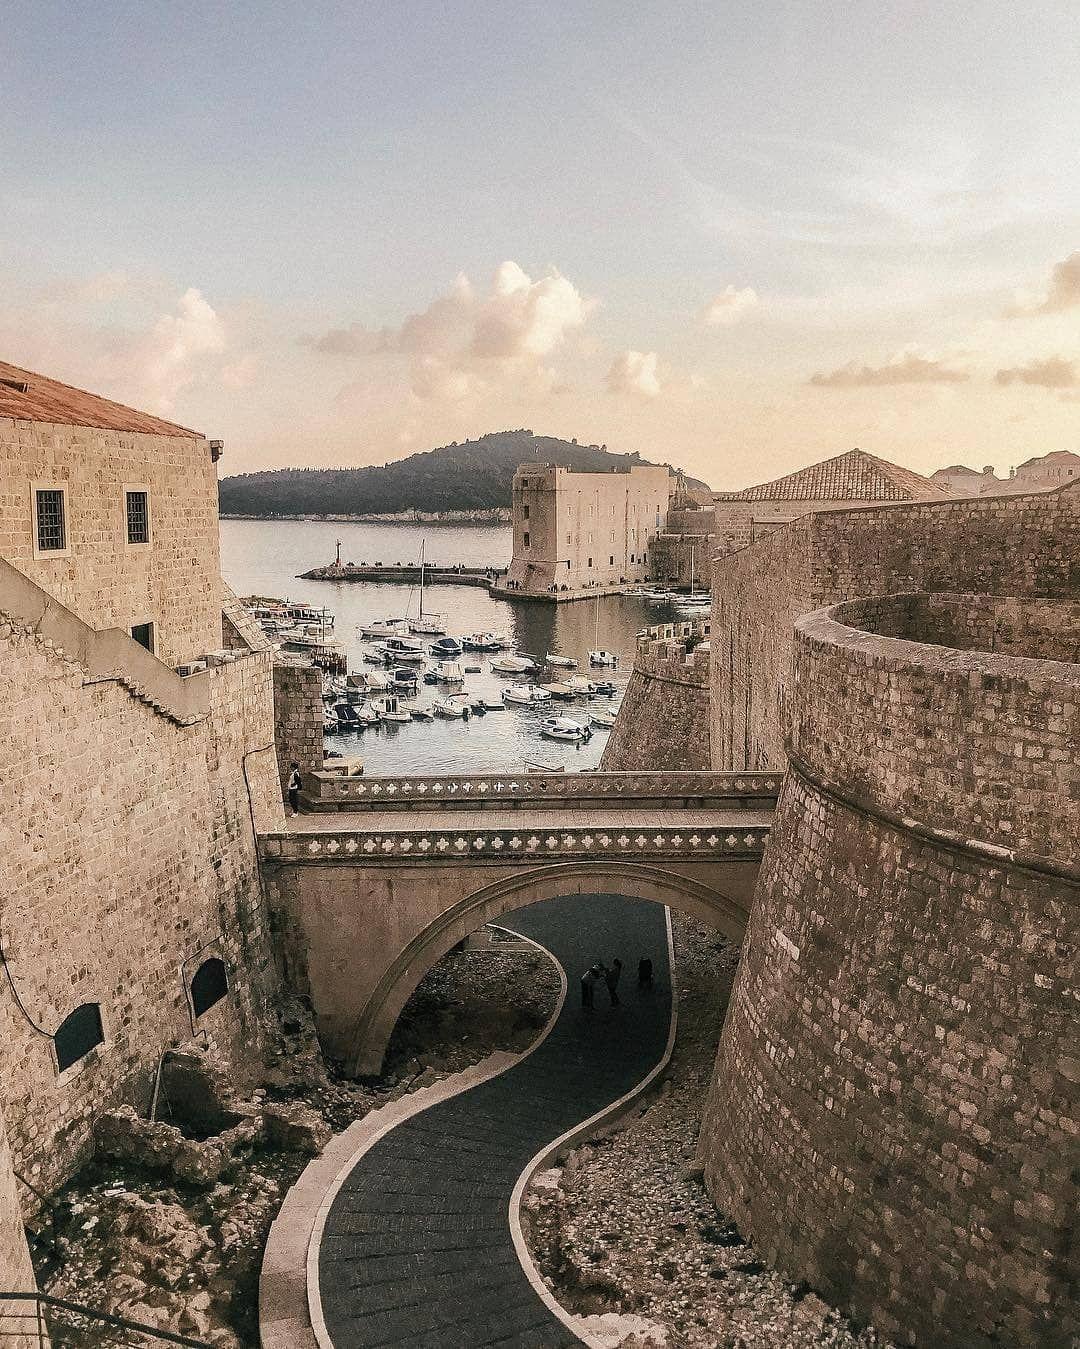 Villa Dubrovnik, Dubrovnik, Croatia review The pearl of